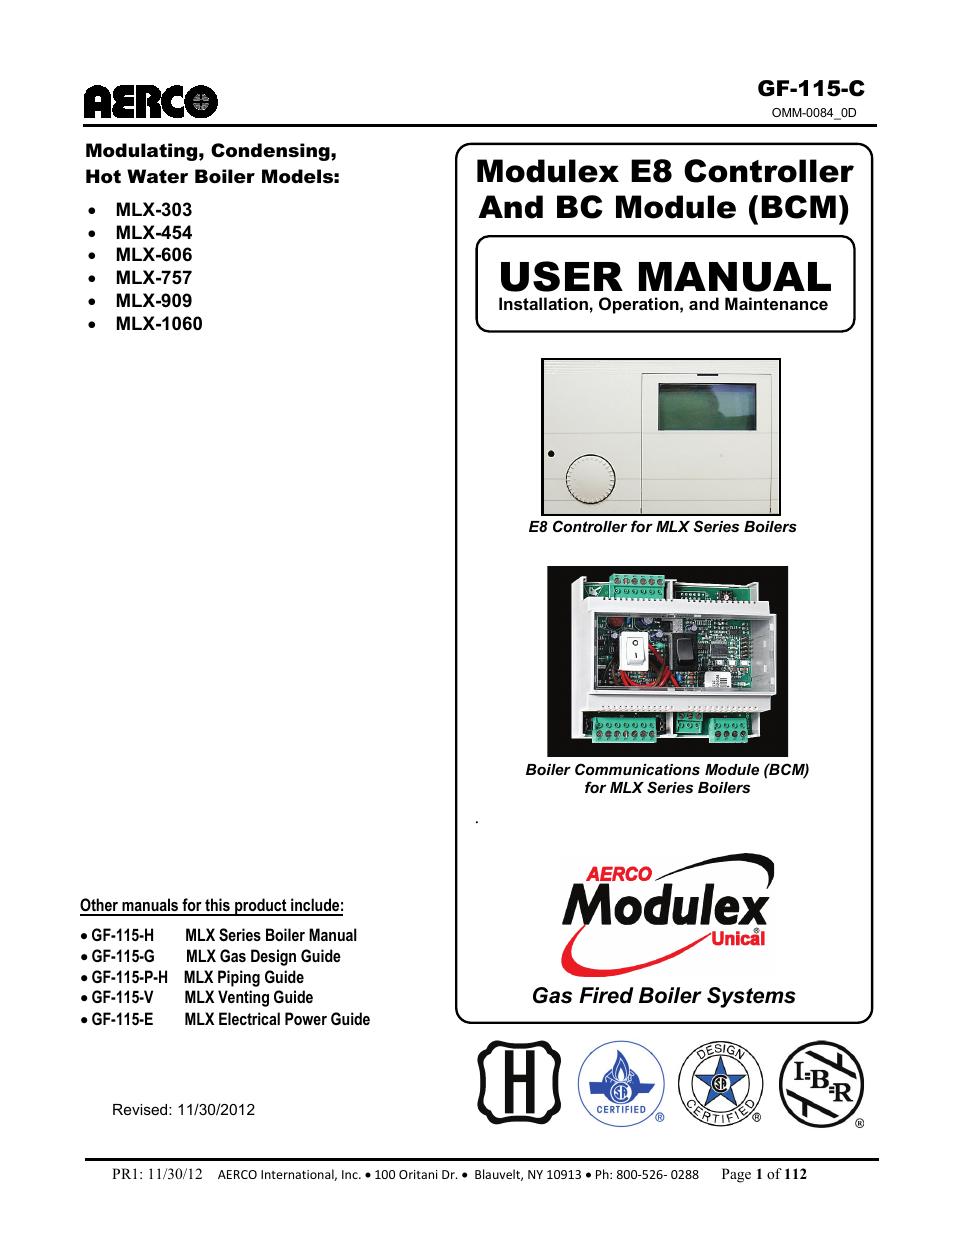 Aerco Modulex E8 Controls Guide User Manual